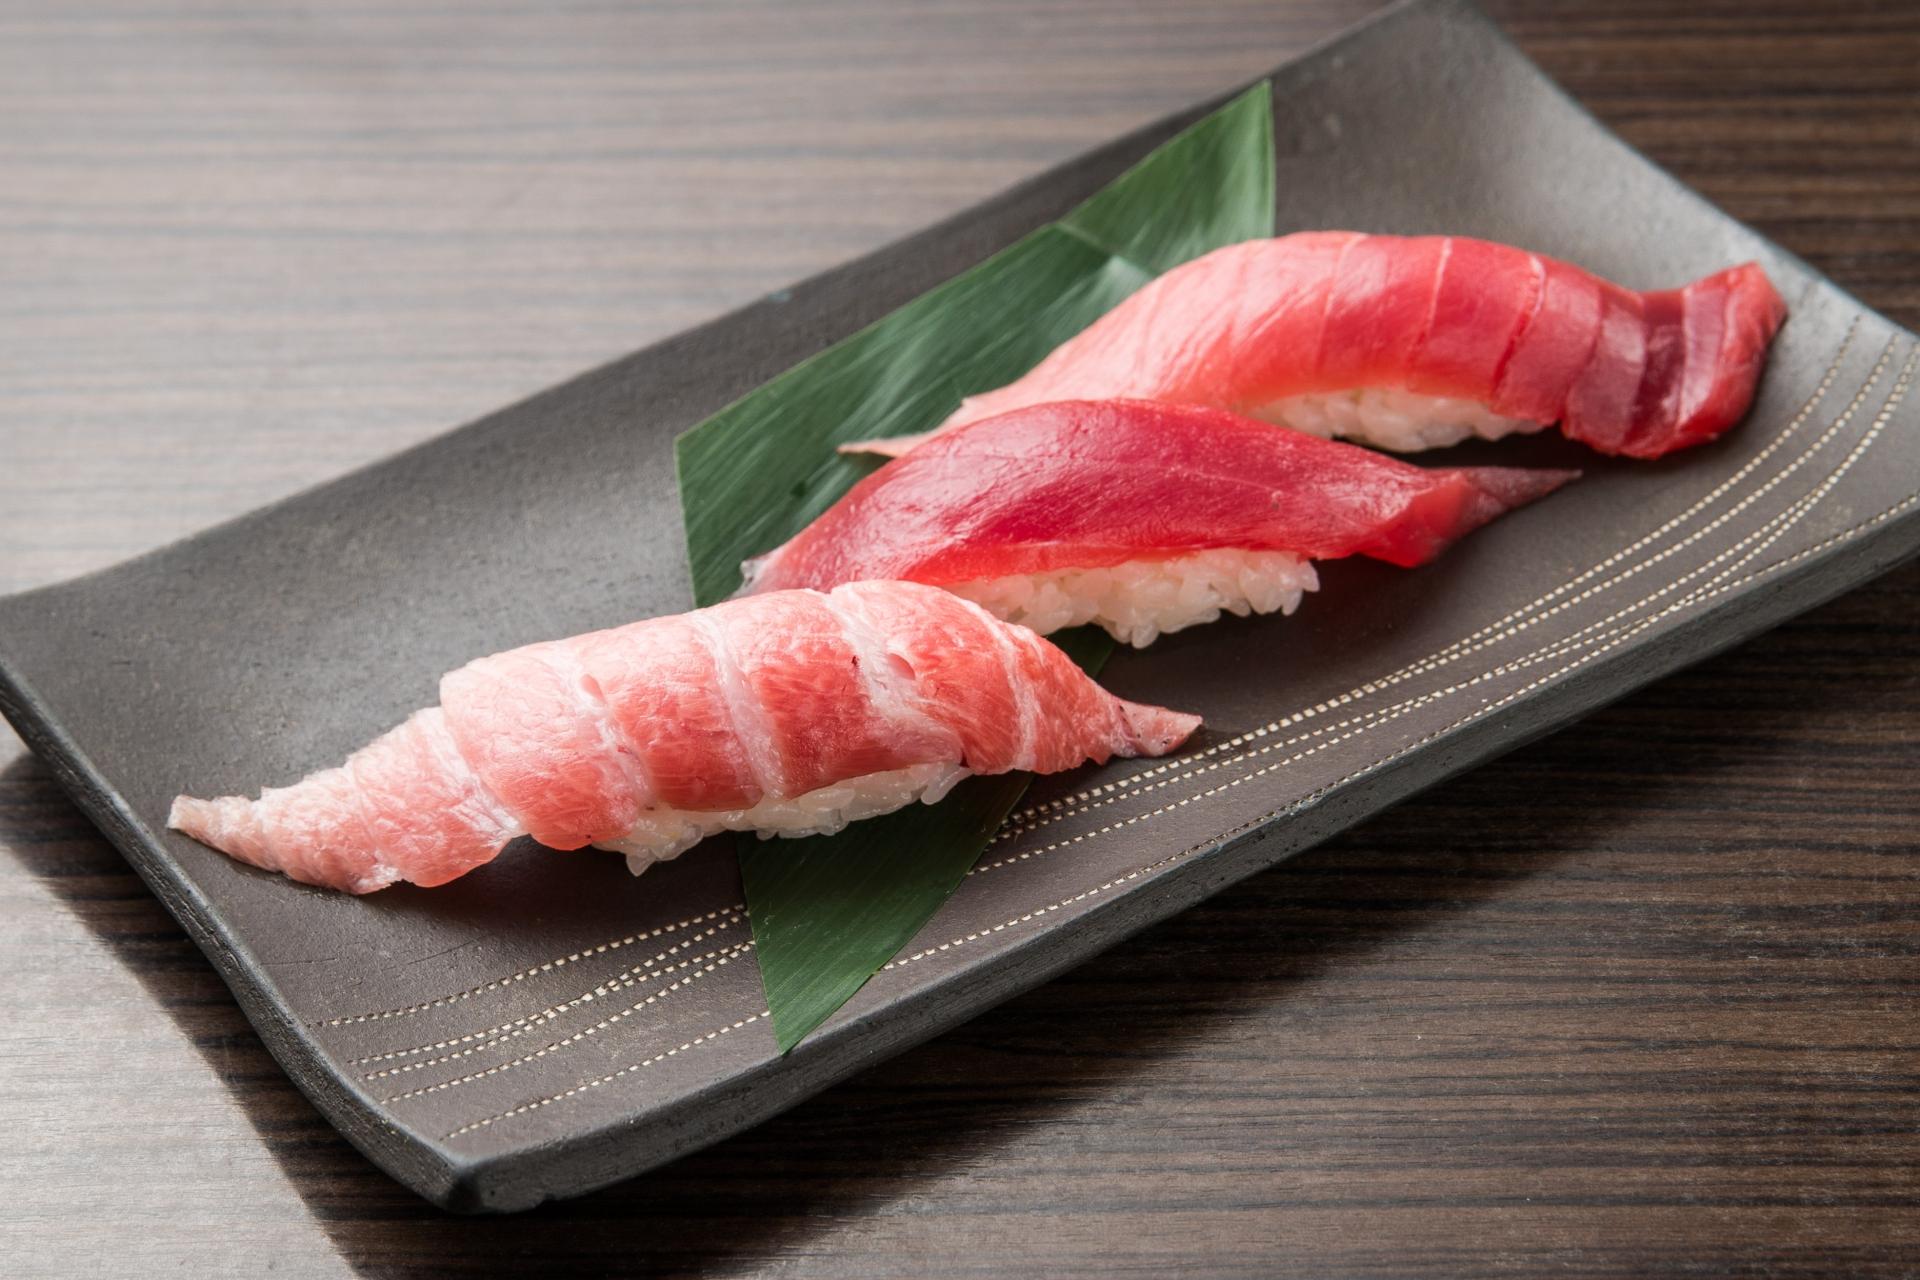 鮨 一幸で最高に美味しいお寿司を味わおう!予約法やおすすめのネタは?